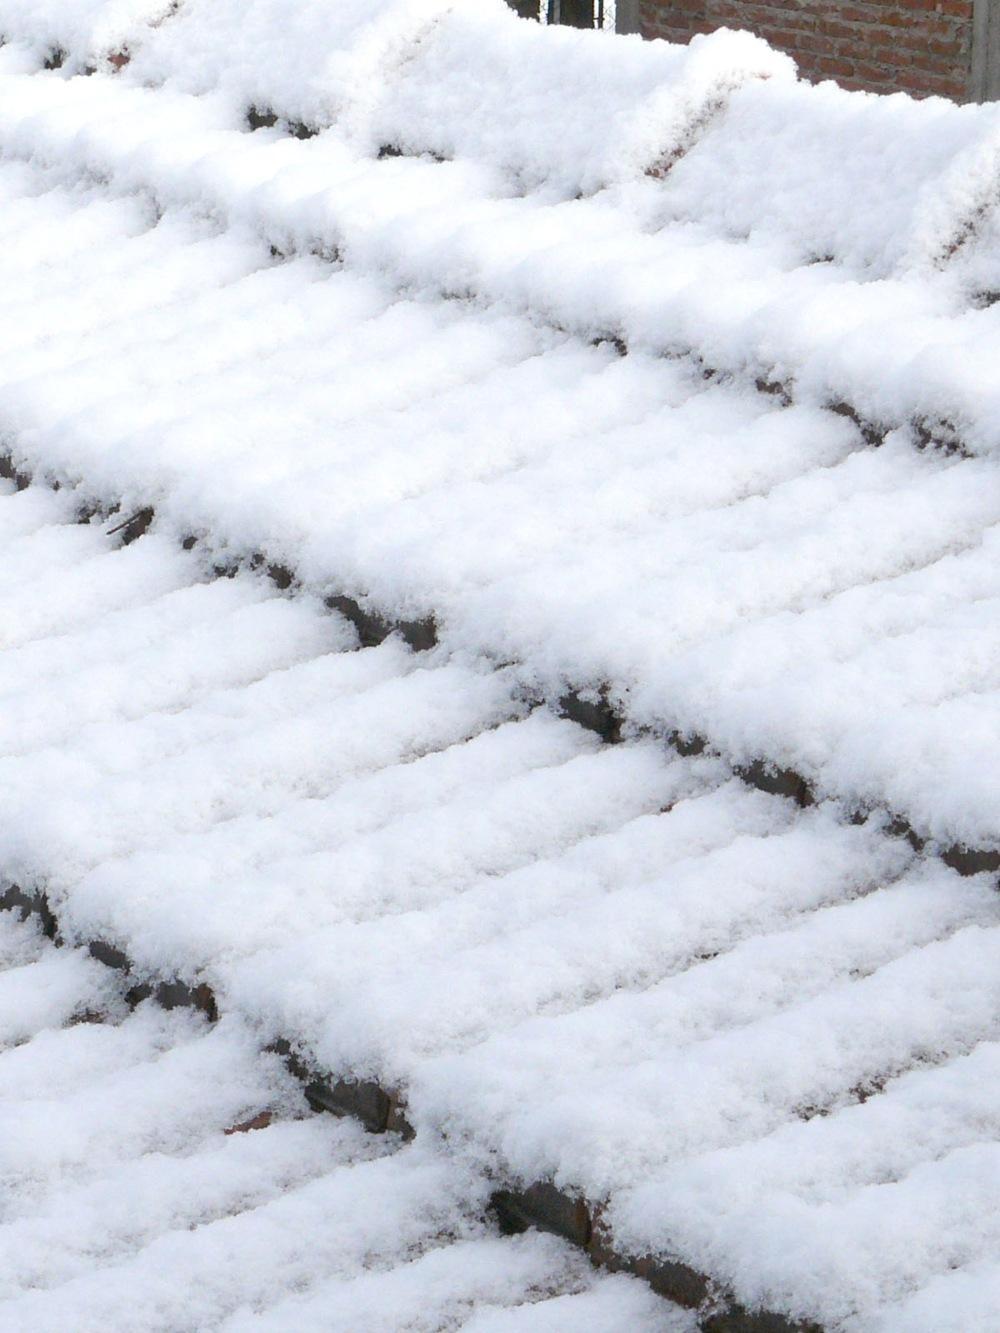 todo cubierto de nieve